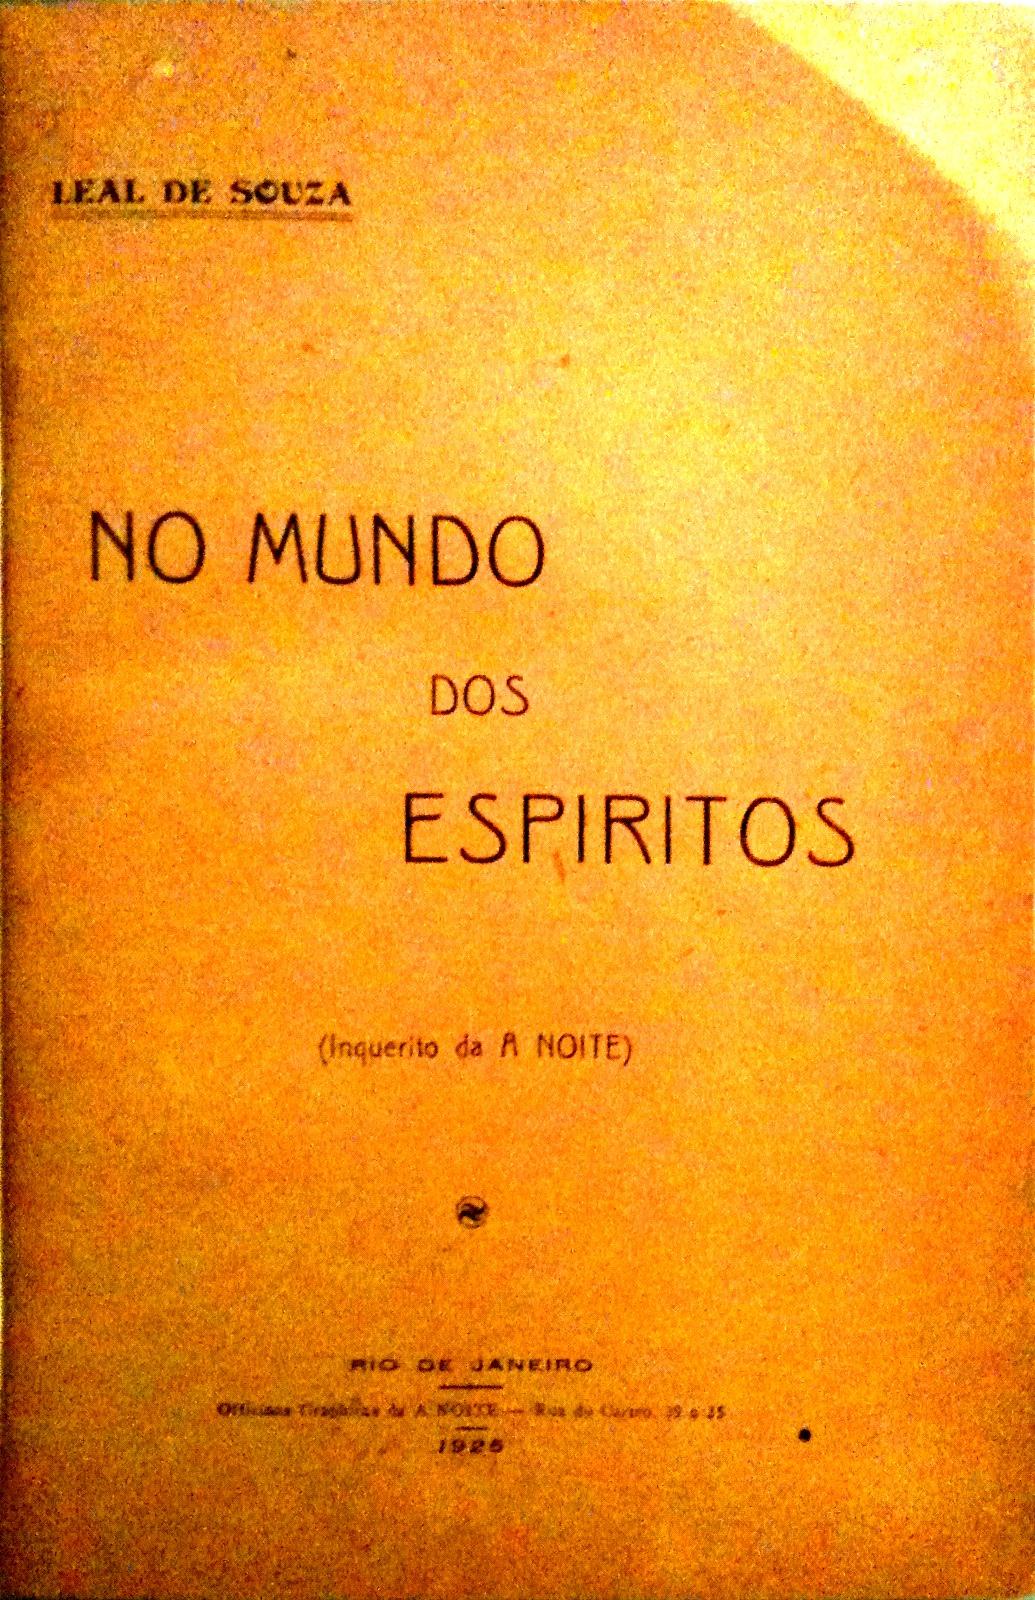 O livro dos espiritos download .doc